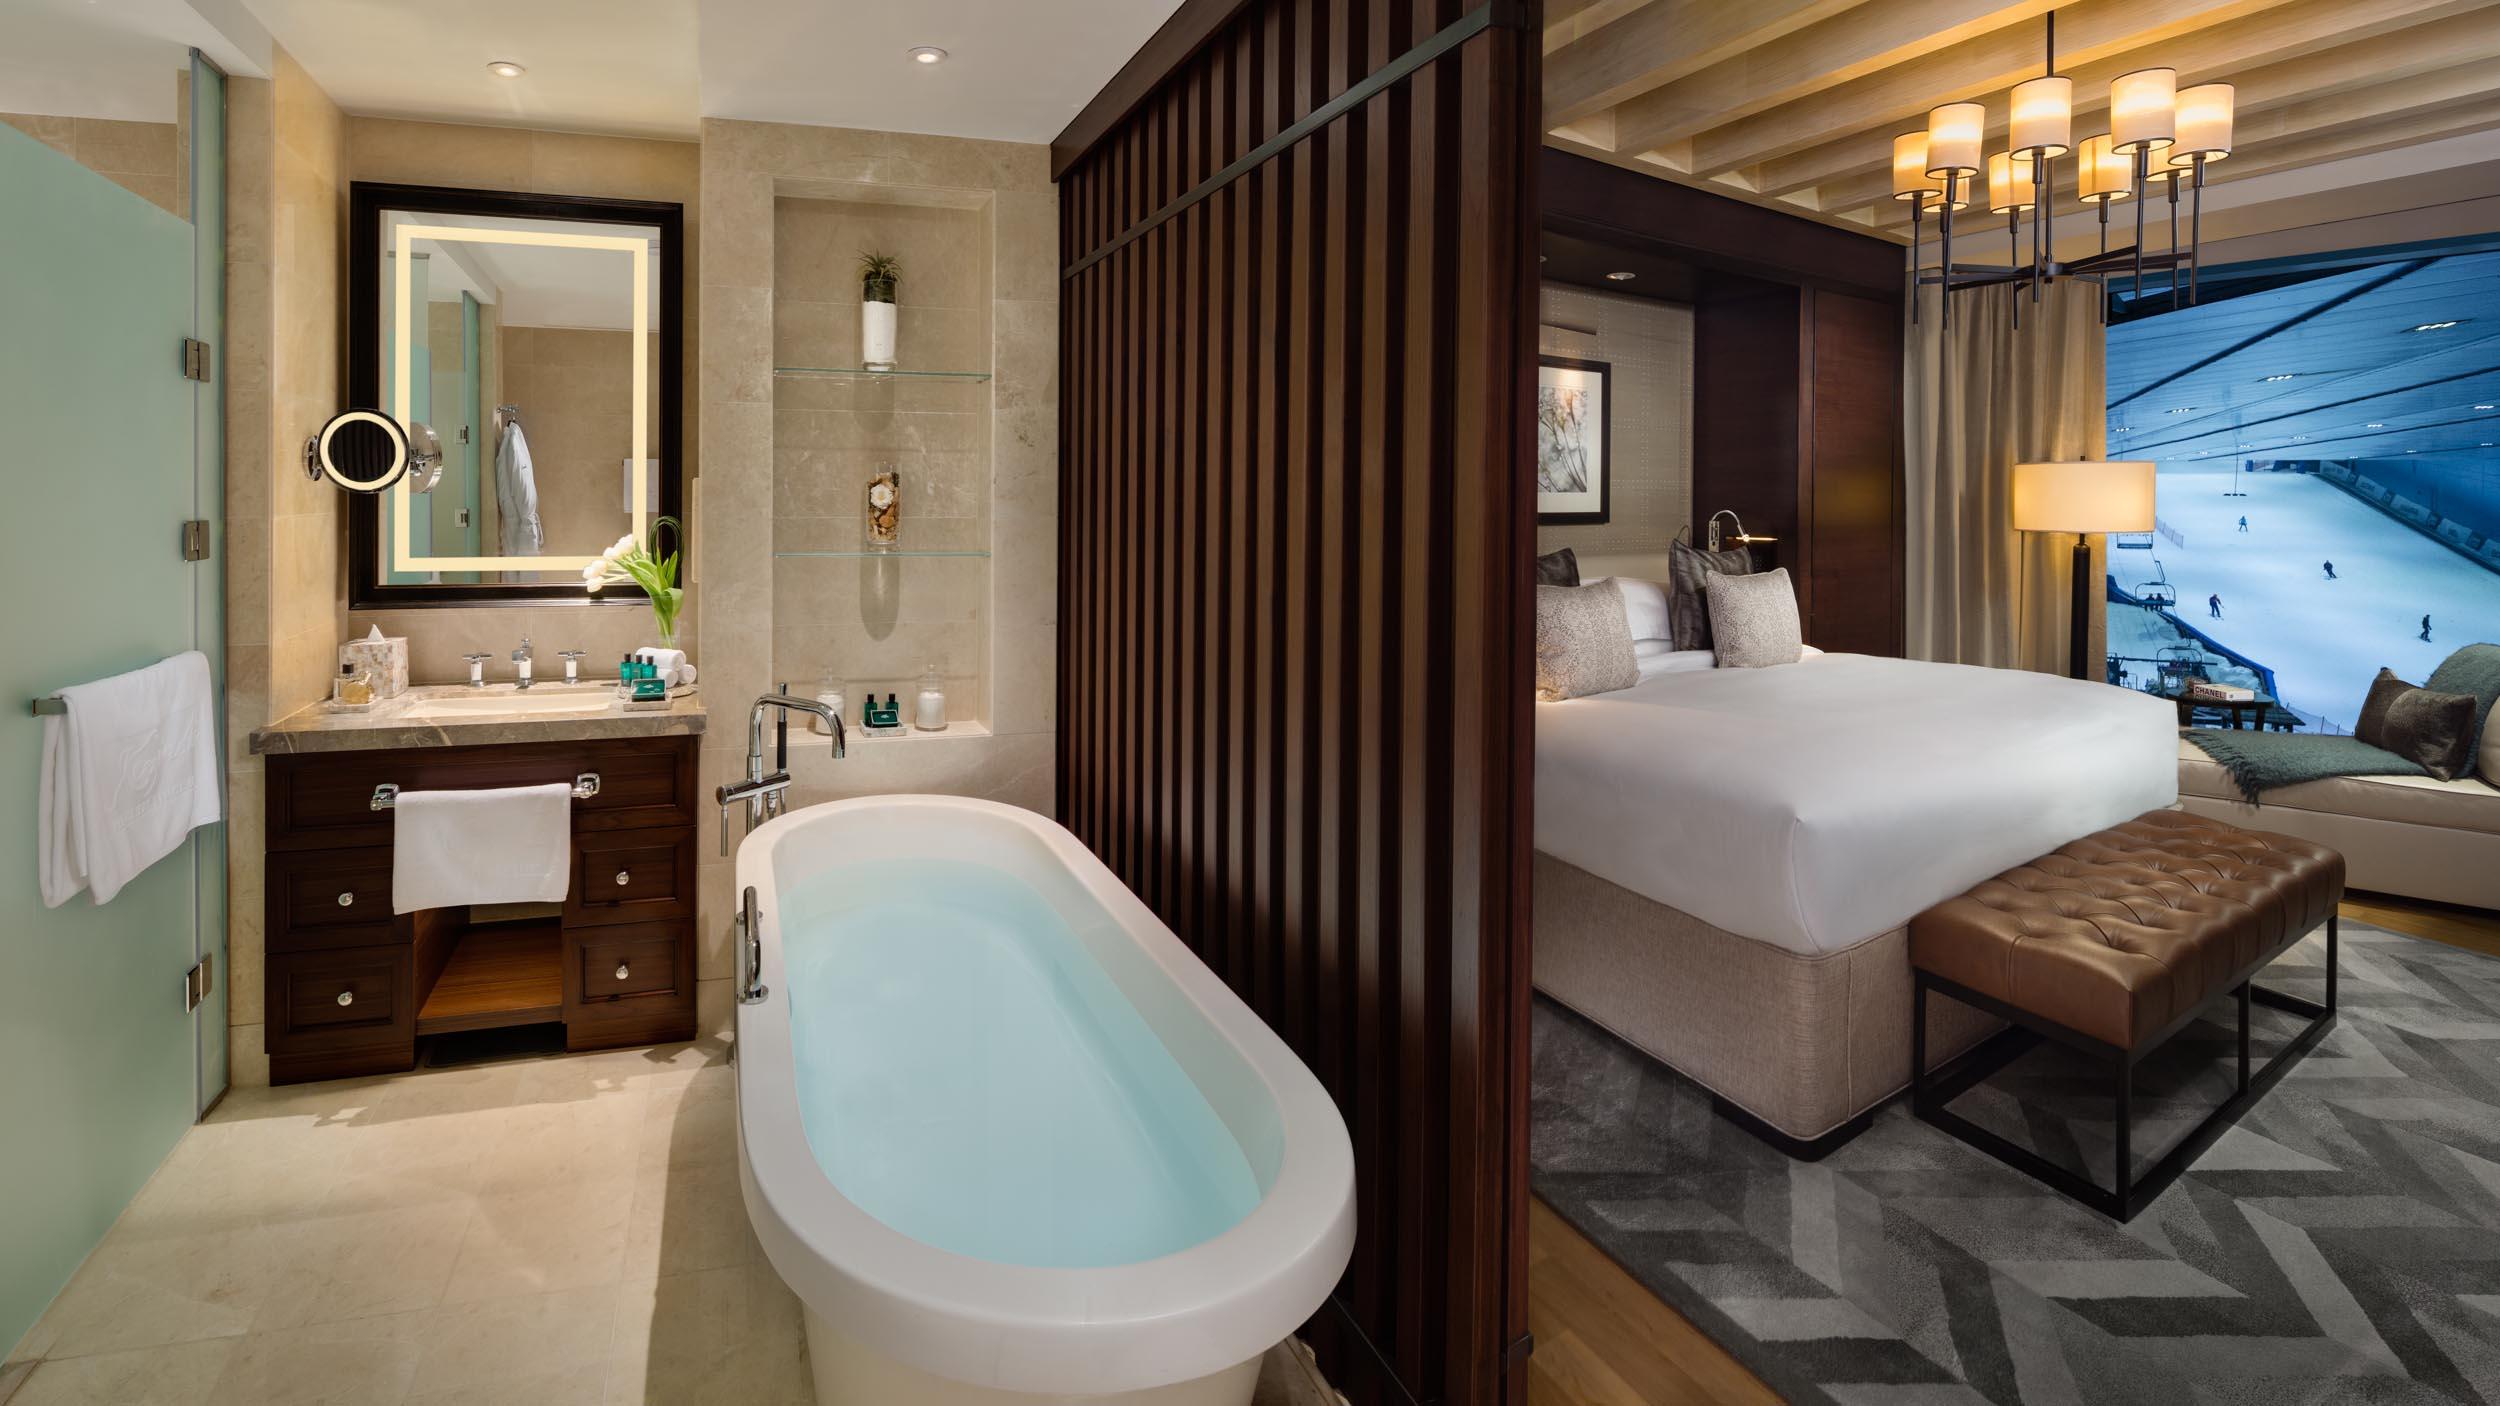 DUPLEX Chalet Bathroom & Bedroom